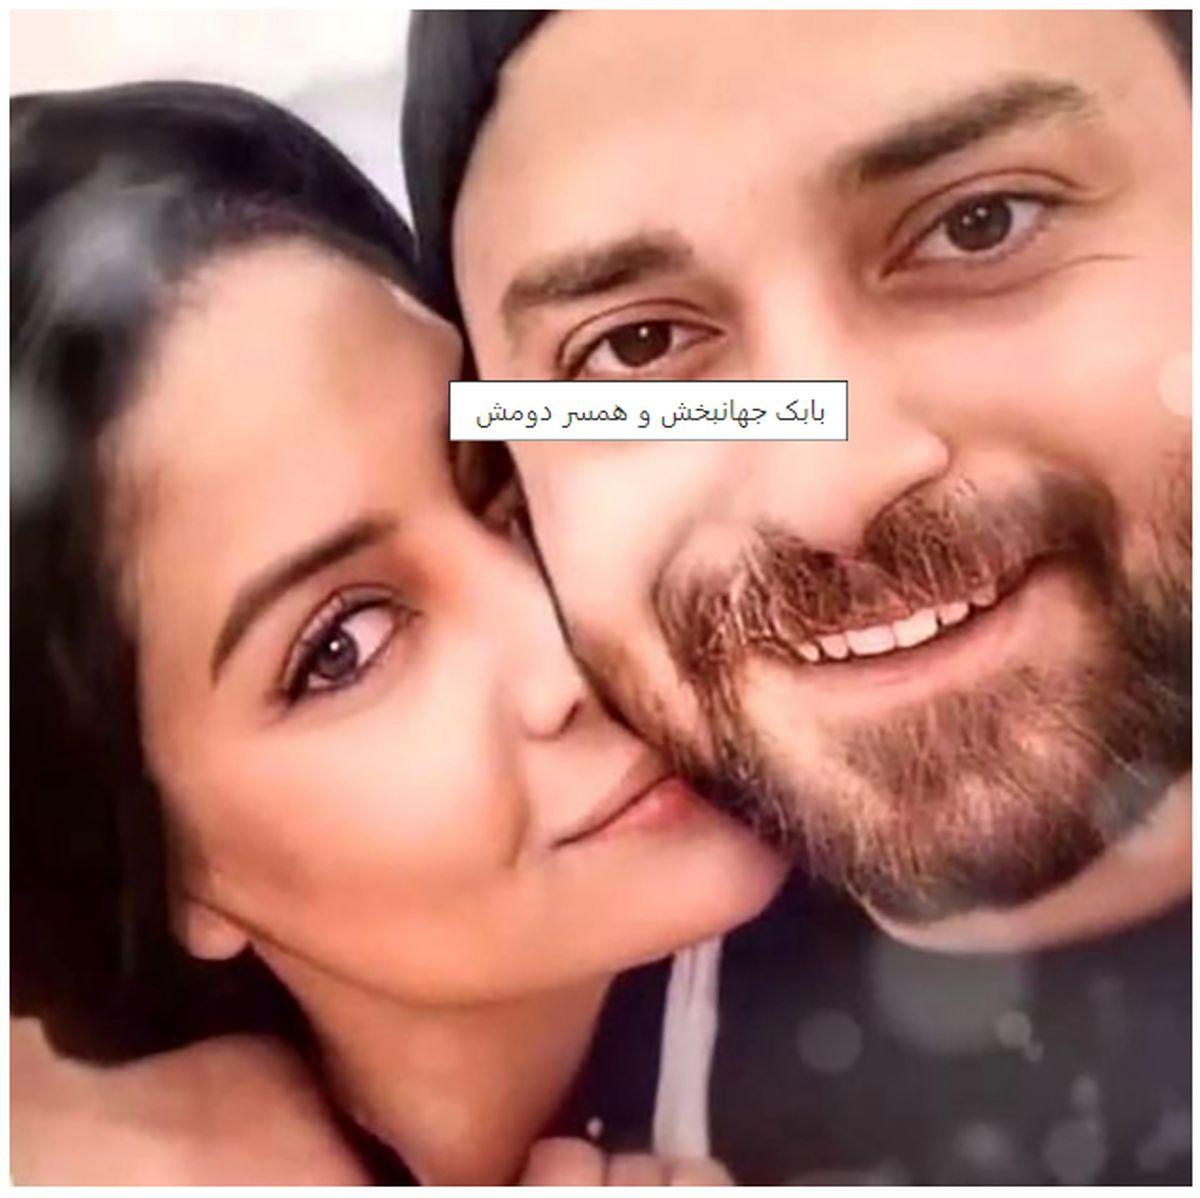 شام عاشقانه بابک جهانبخش و همسرش + عکس